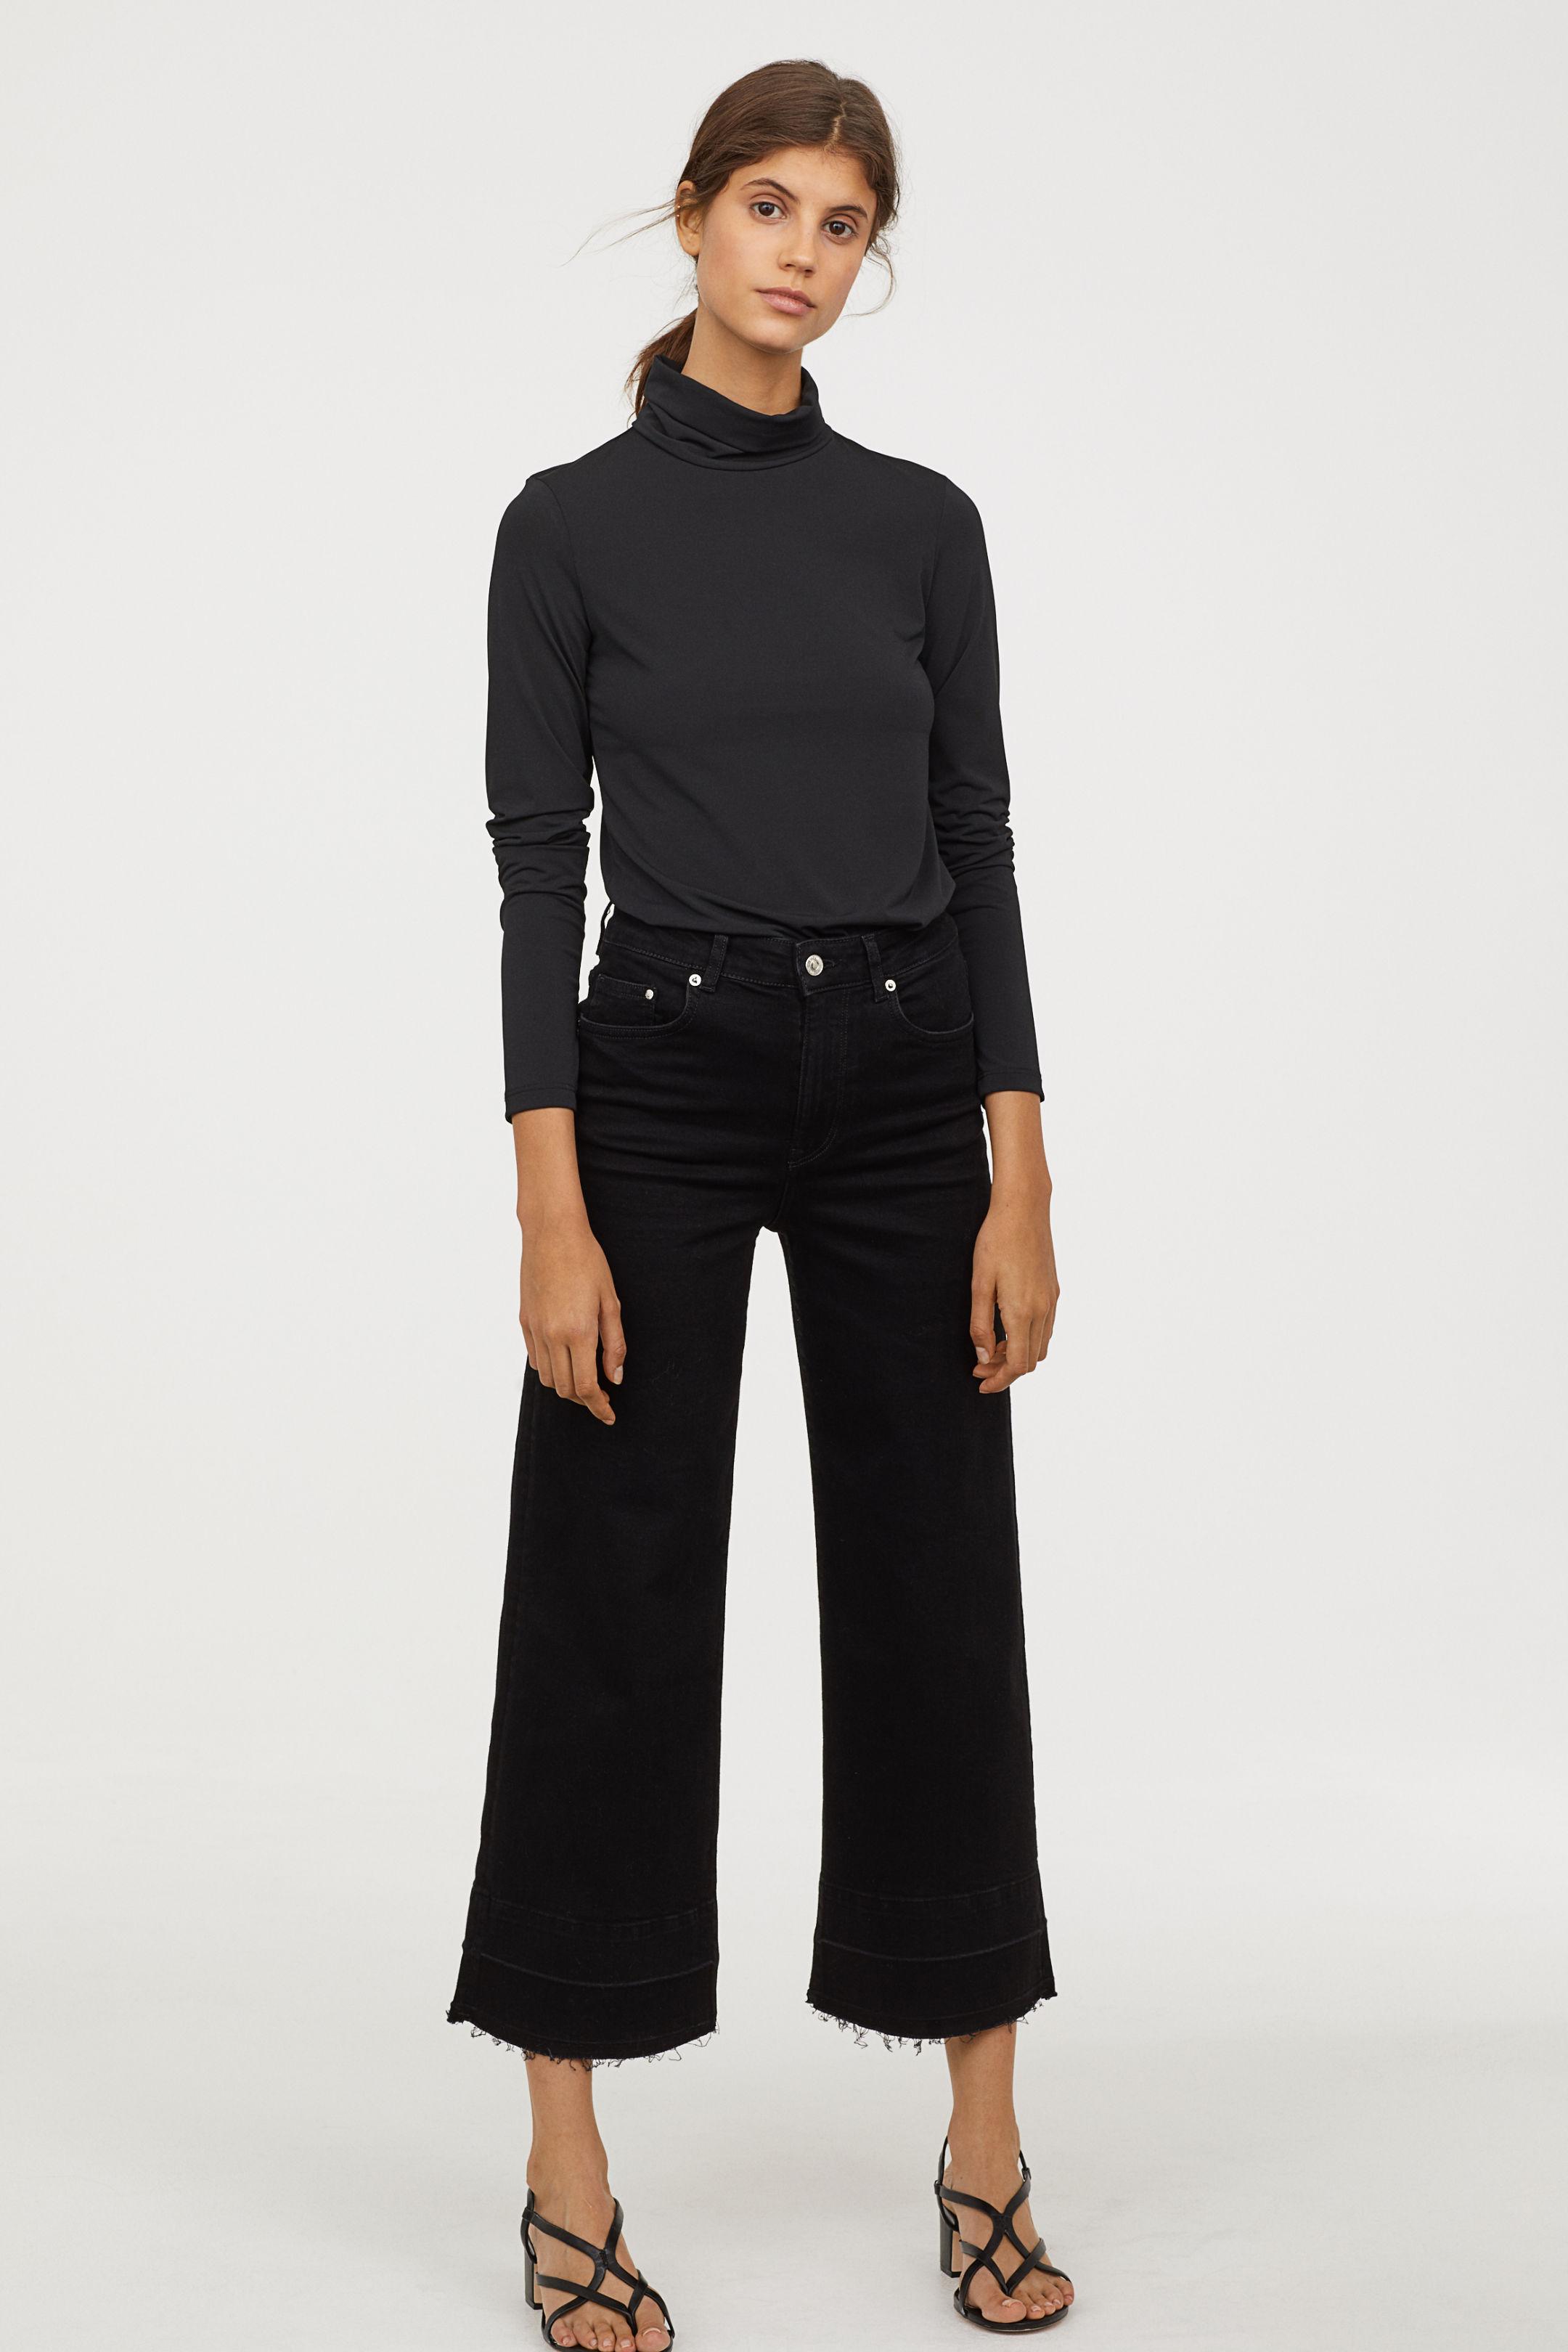 Jeans a vita alta neri H&M a 14,99 euro